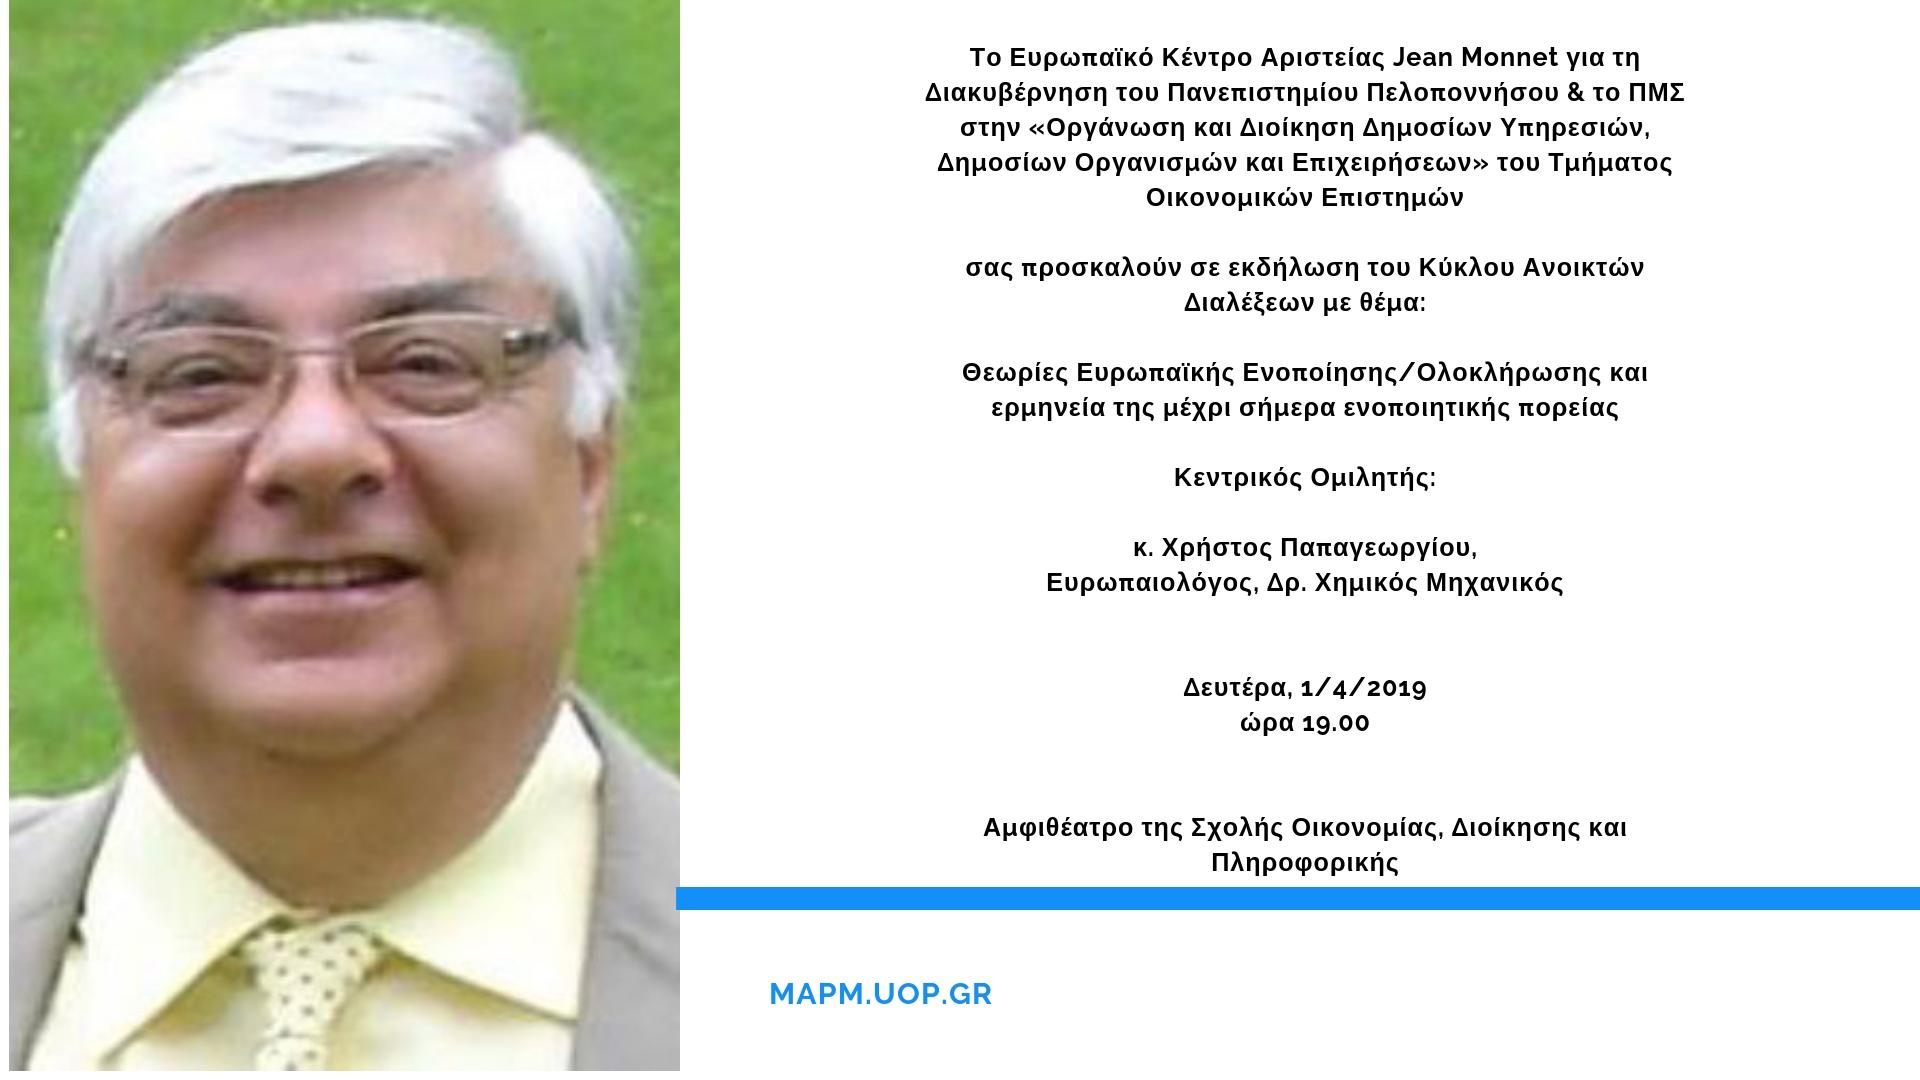 Διάλεξη με θέμα Θεωρίες Ευρωπαϊκής Ενοποίησης/Ολοκλήρωσης και ερμηνεία της μέχρι σήμερα ενοποιητικής πορείας. – κ. Χρήστος Παπαγεωργίου,Δευτέρα, 1/4/2019  ώρα 19.00